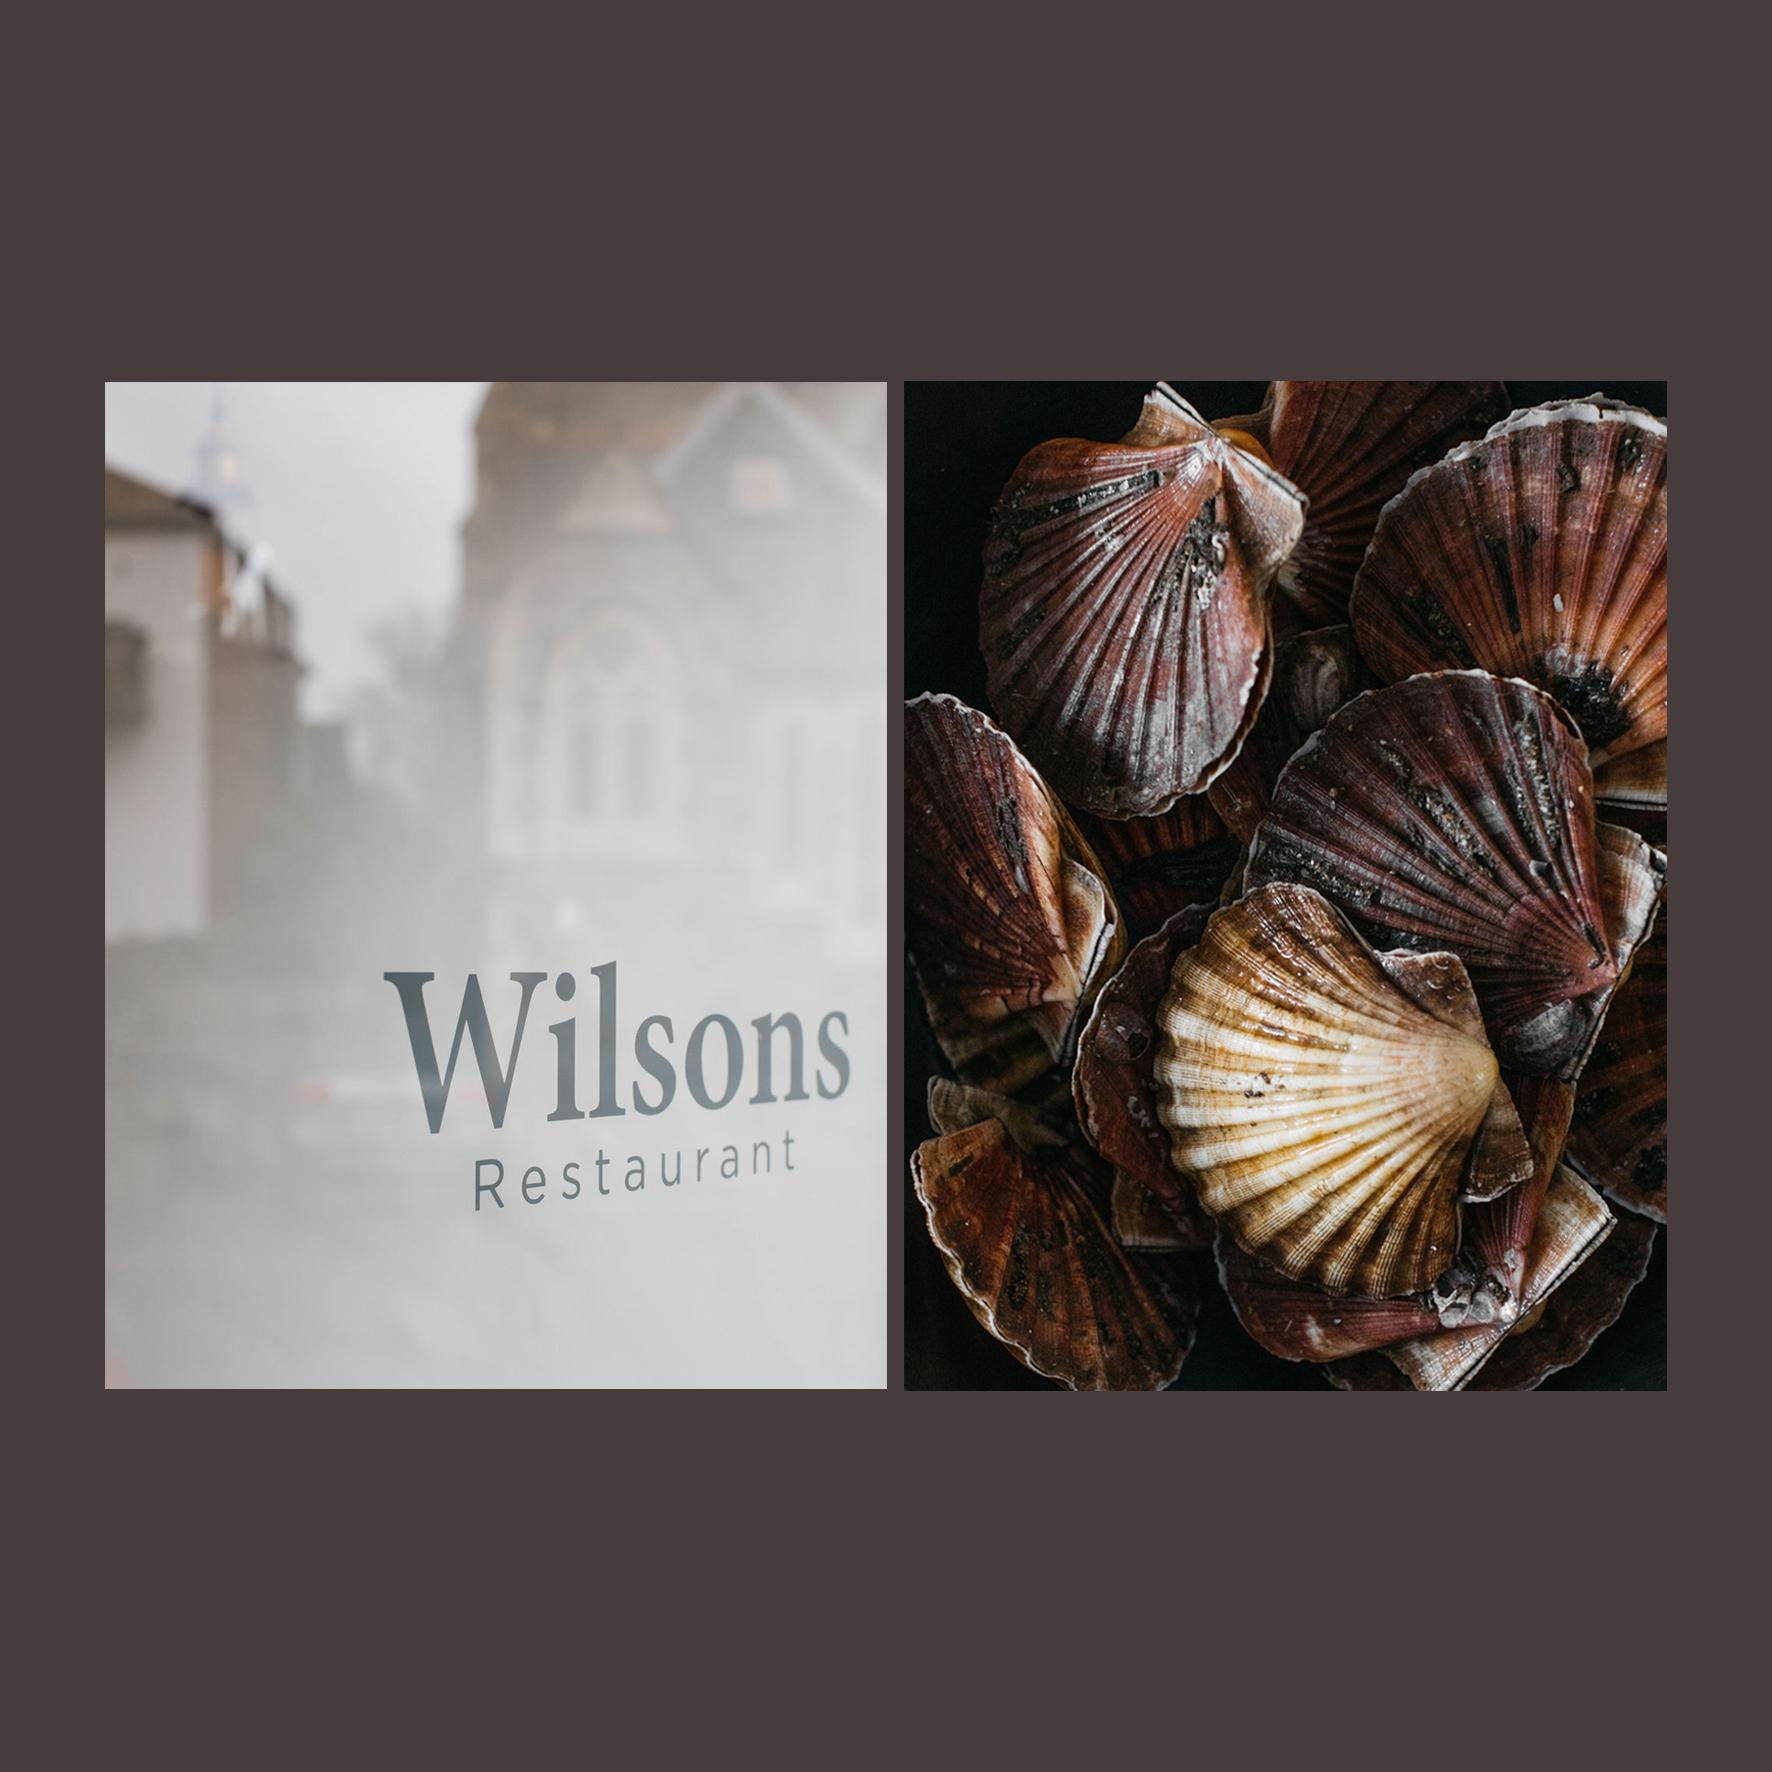 Wilsons1.JPG